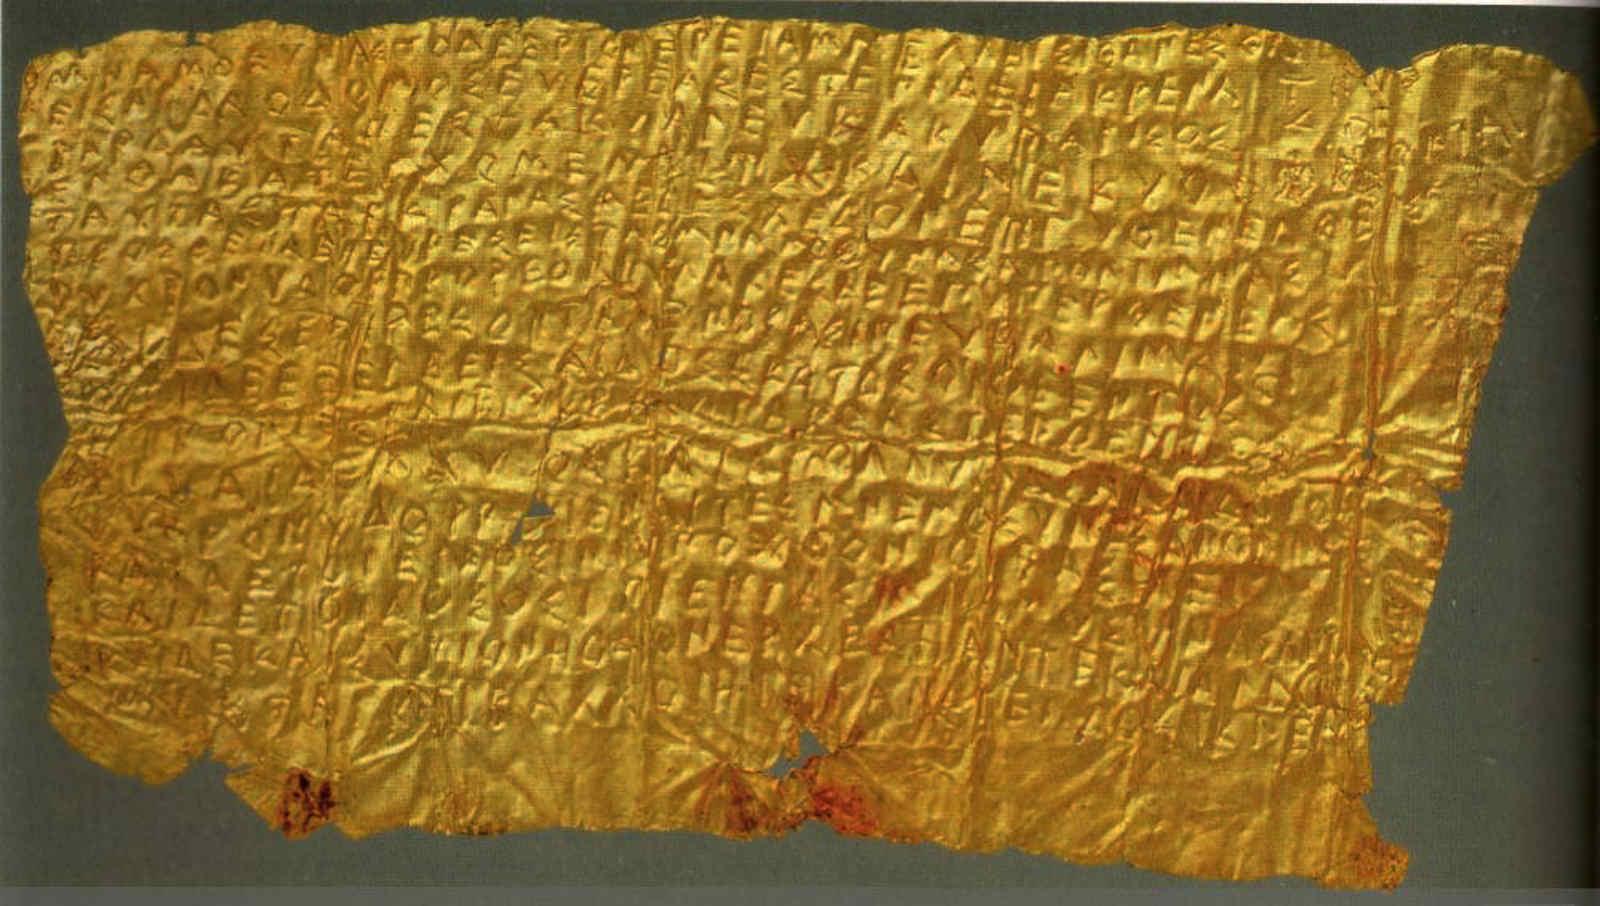 Laminetta orfica al Museo Archeologico di Vibo Valentia